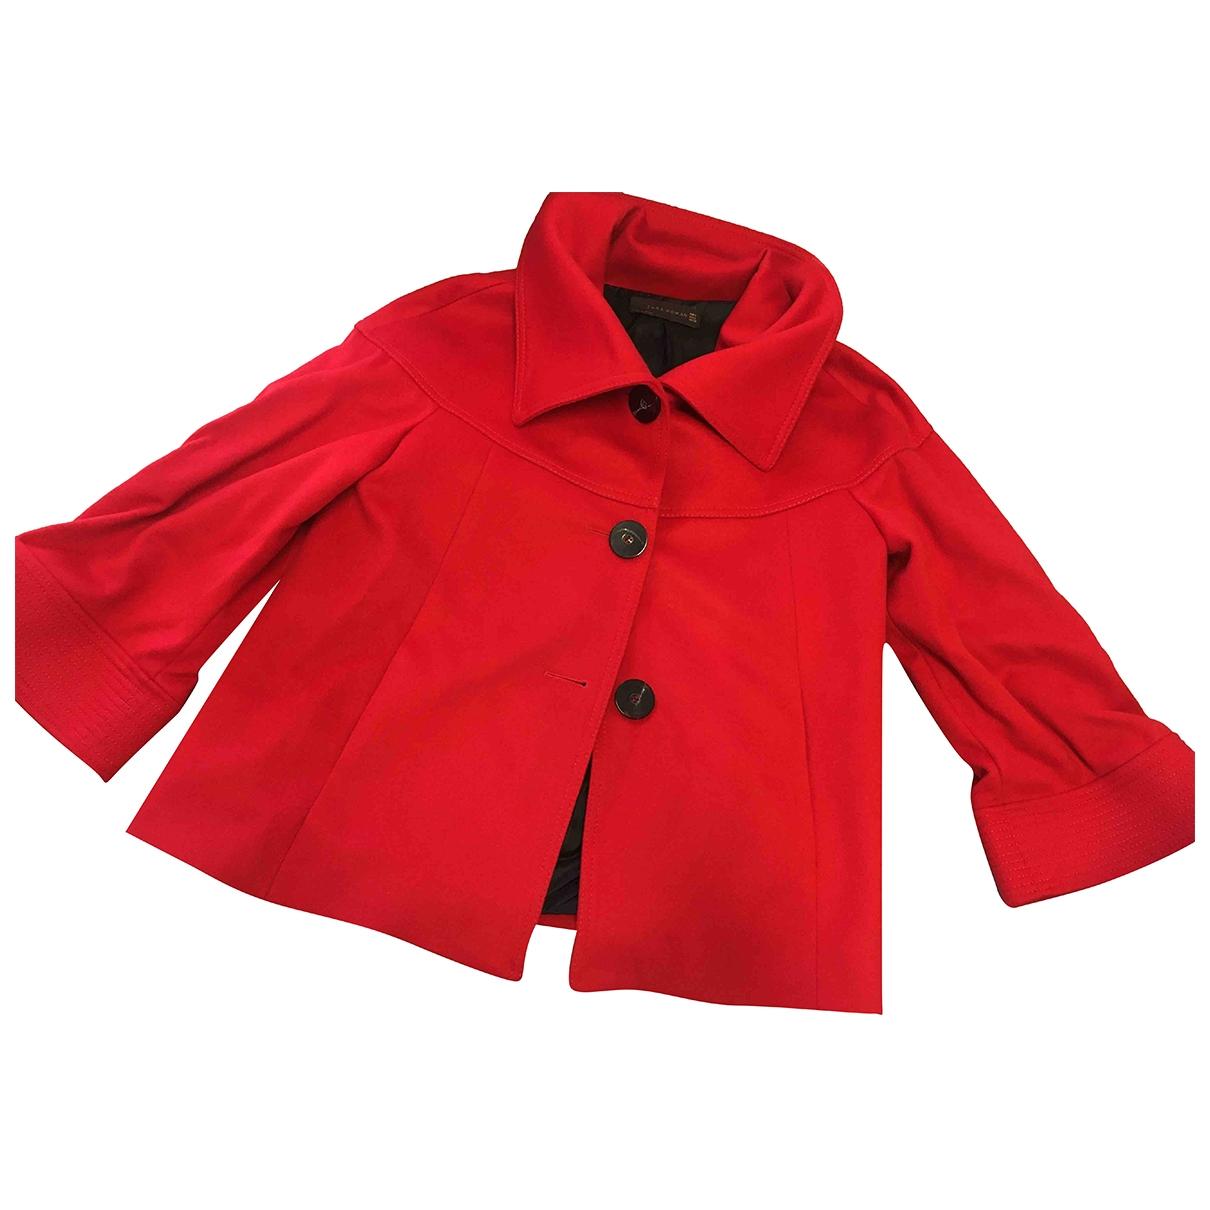 Zara \N Red Wool jacket for Women L International